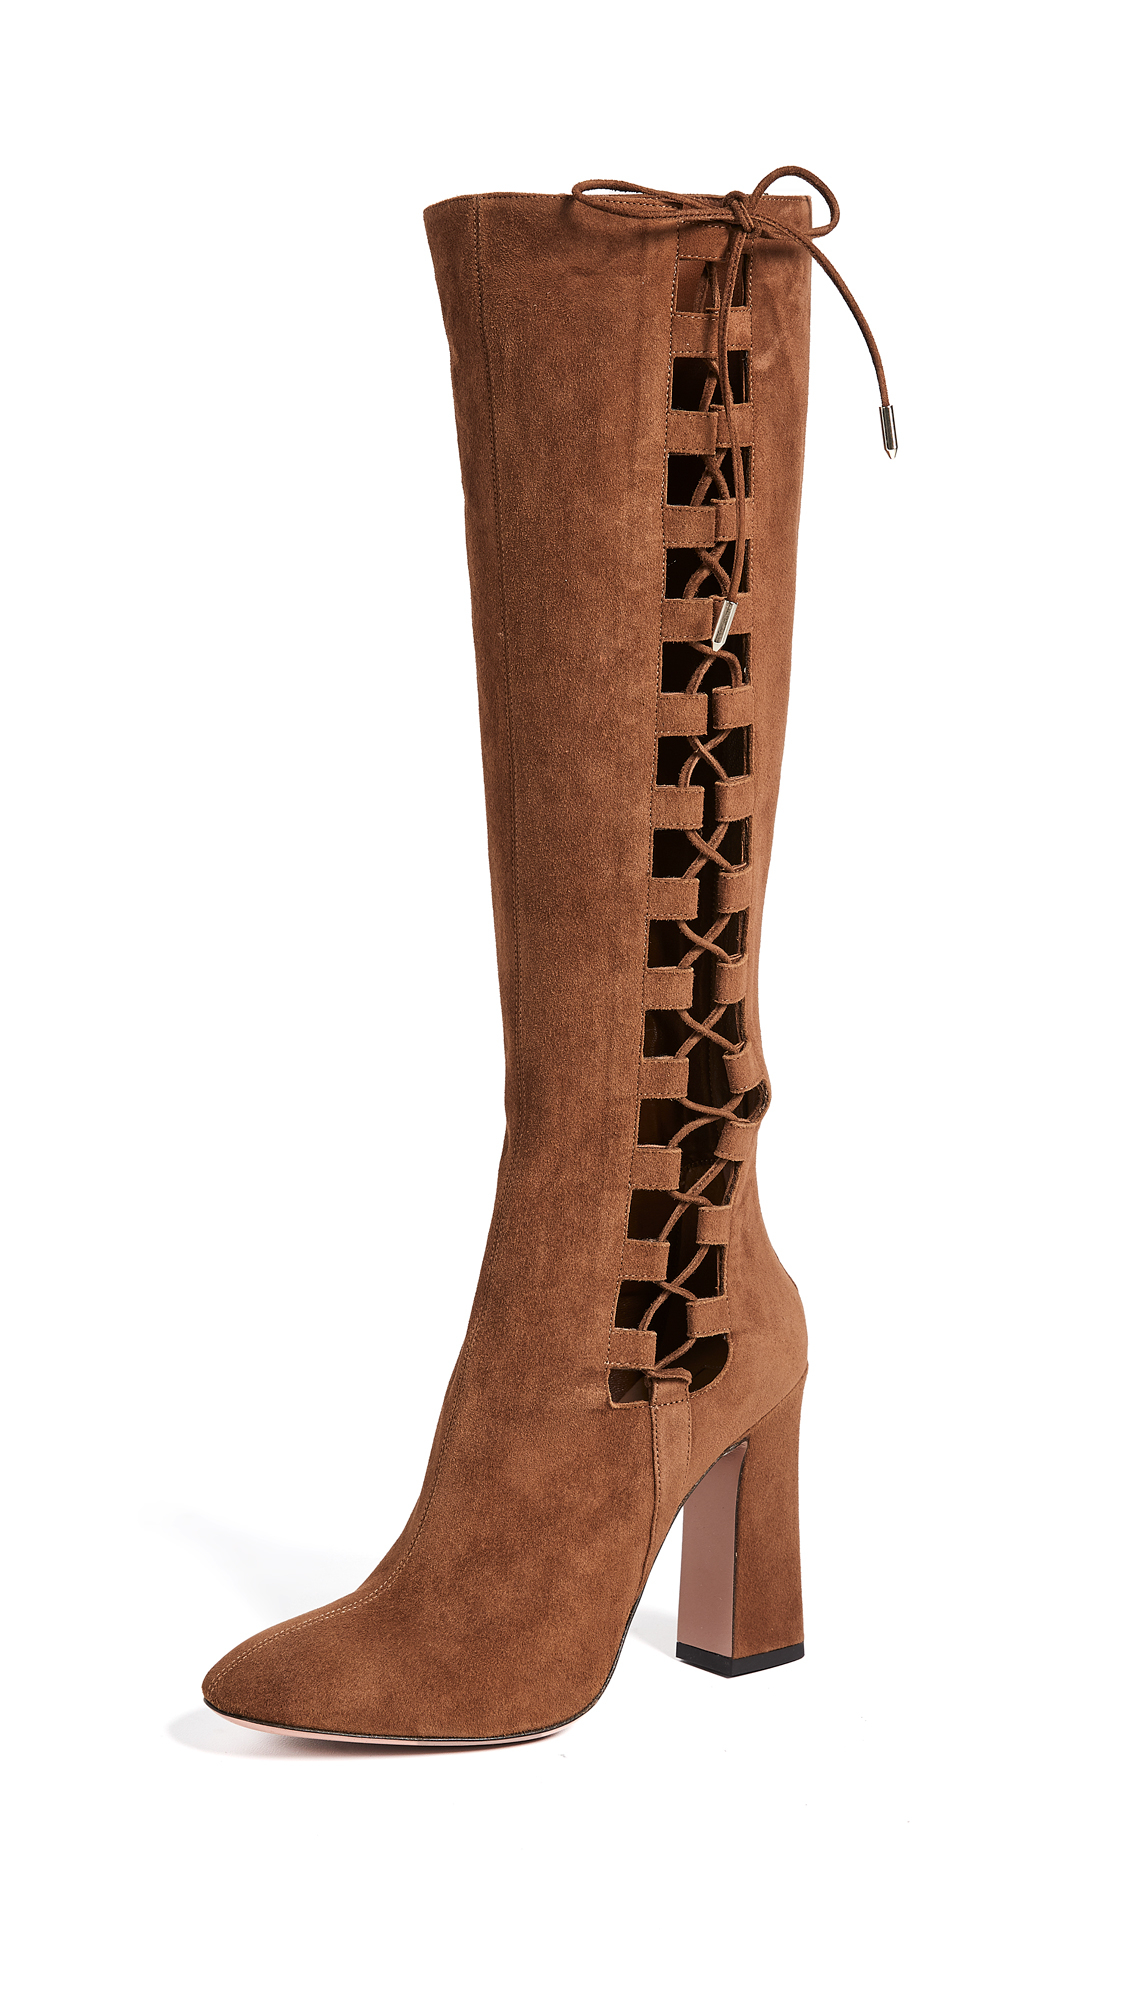 Aquazzura Medina 105 Boots - Cinnamon